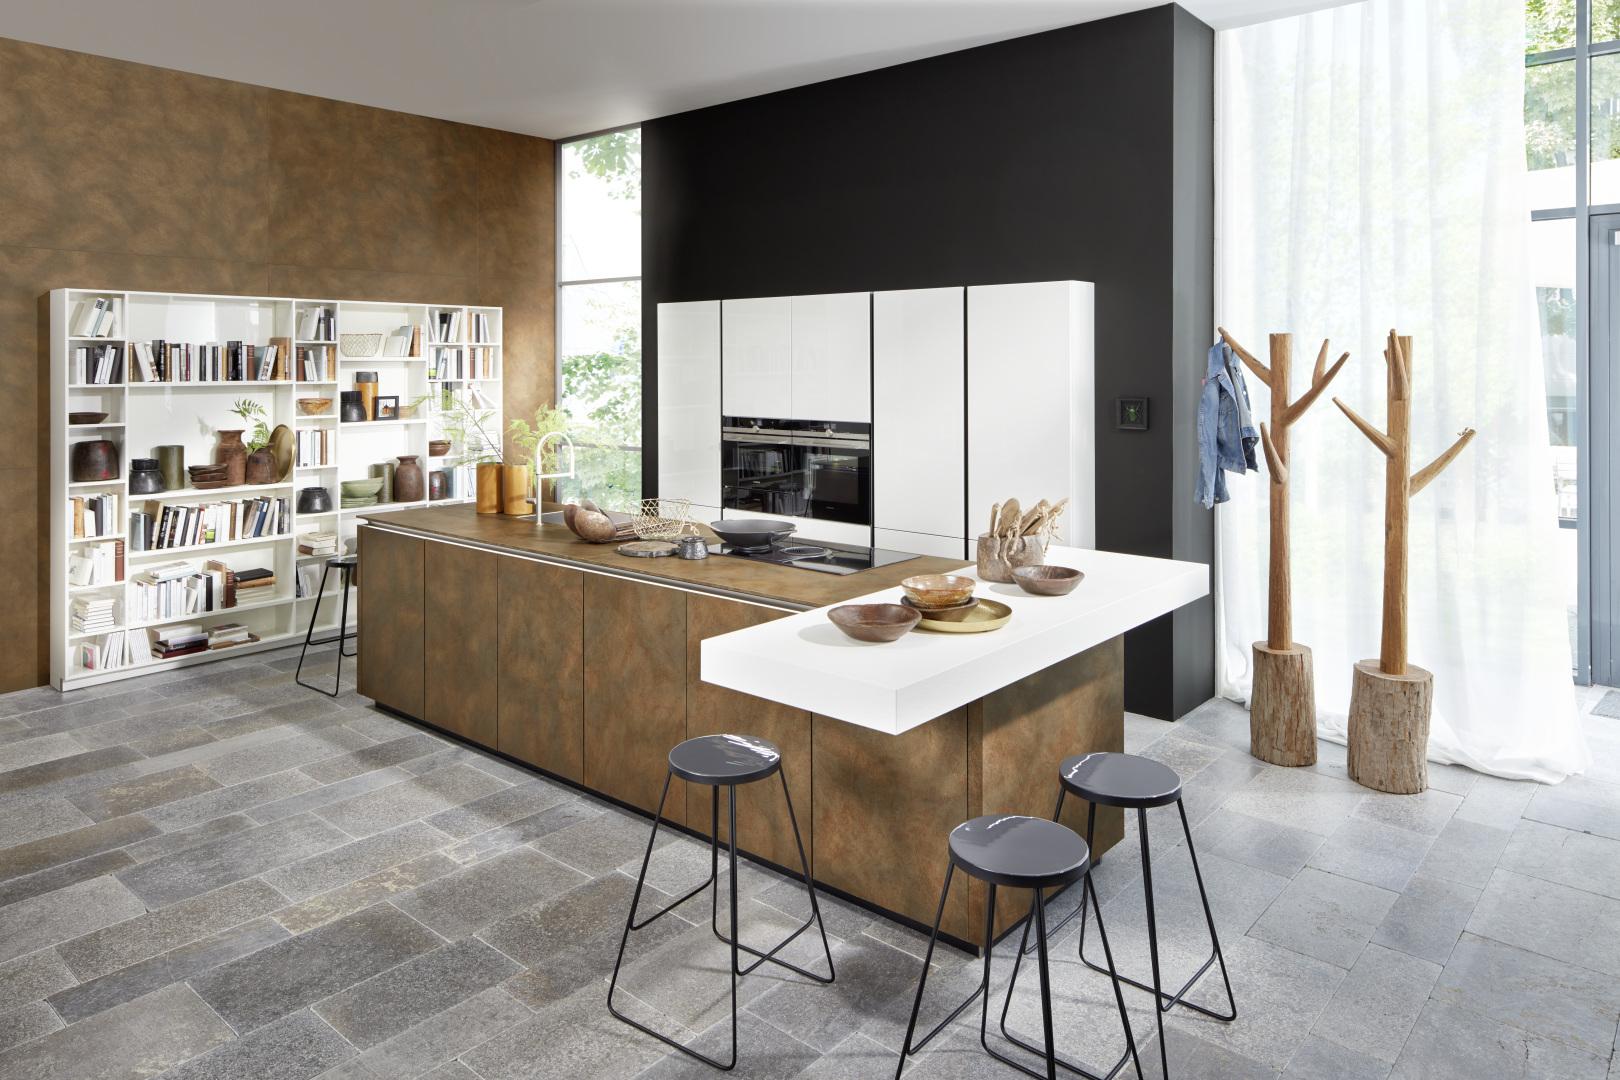 Grifflose Küchen online planen & kaufen | küchenEXPERTE